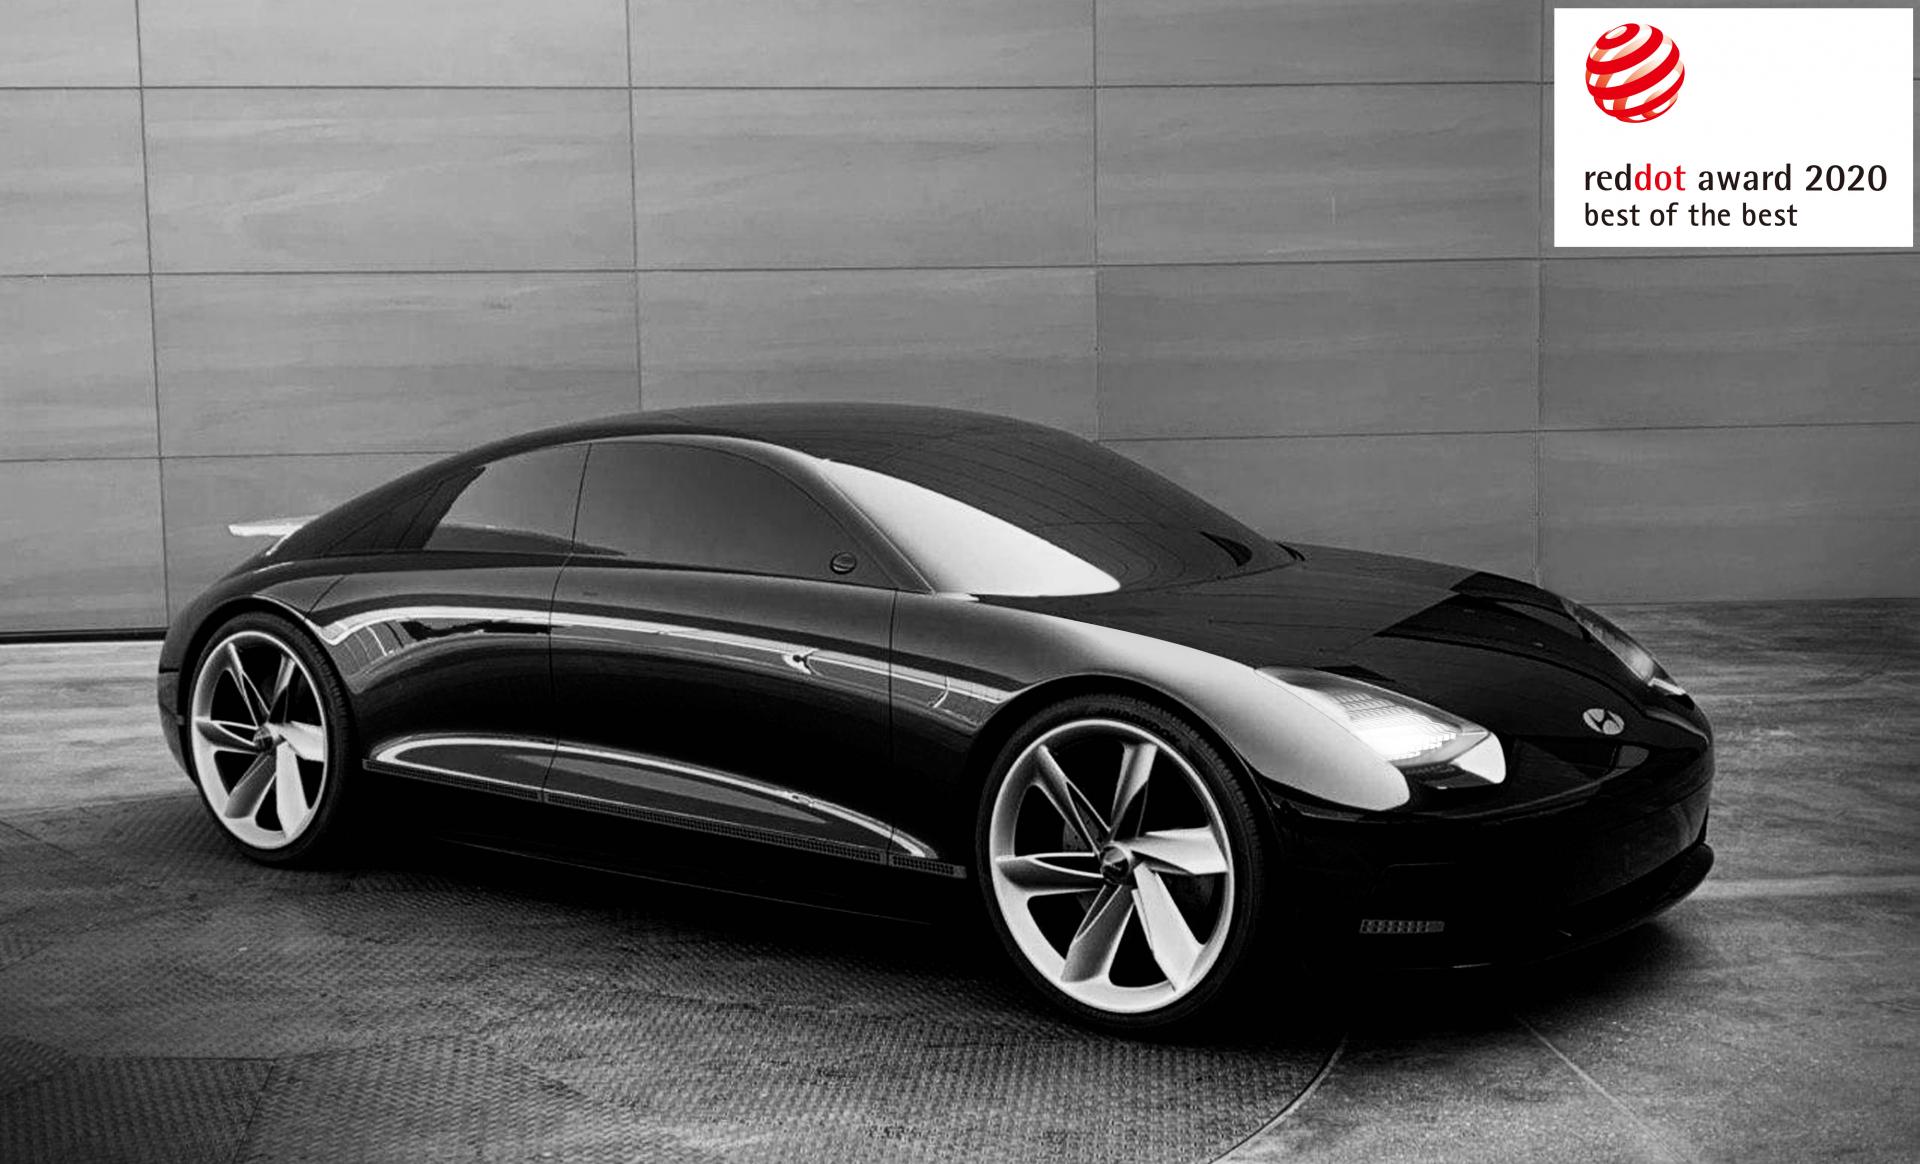 Компанія Hyundai Motor отримала три нагороди Red Dot Award 2020 за концептуальний дизайн | Богдан-Авто Запорожье - фото 14